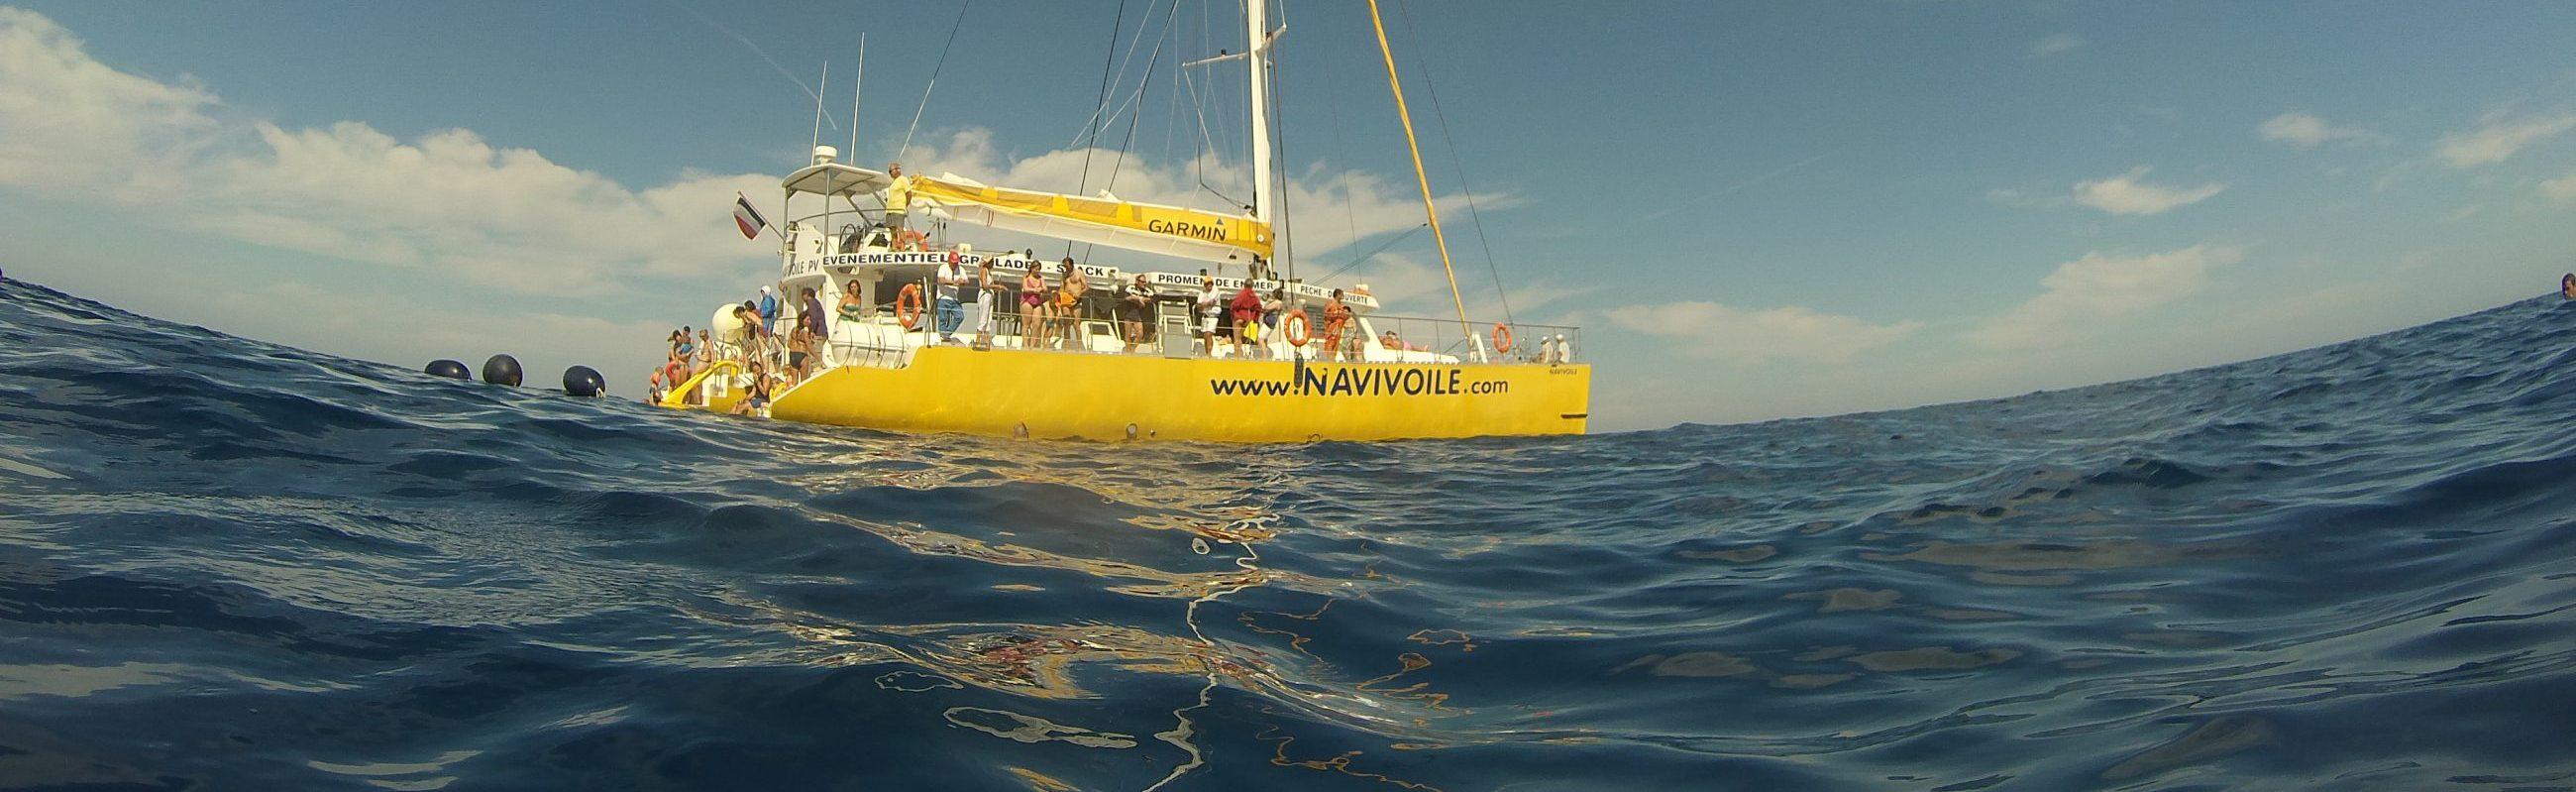 catamaran navivoile météo exceptionnelle au large de canet en roussillon